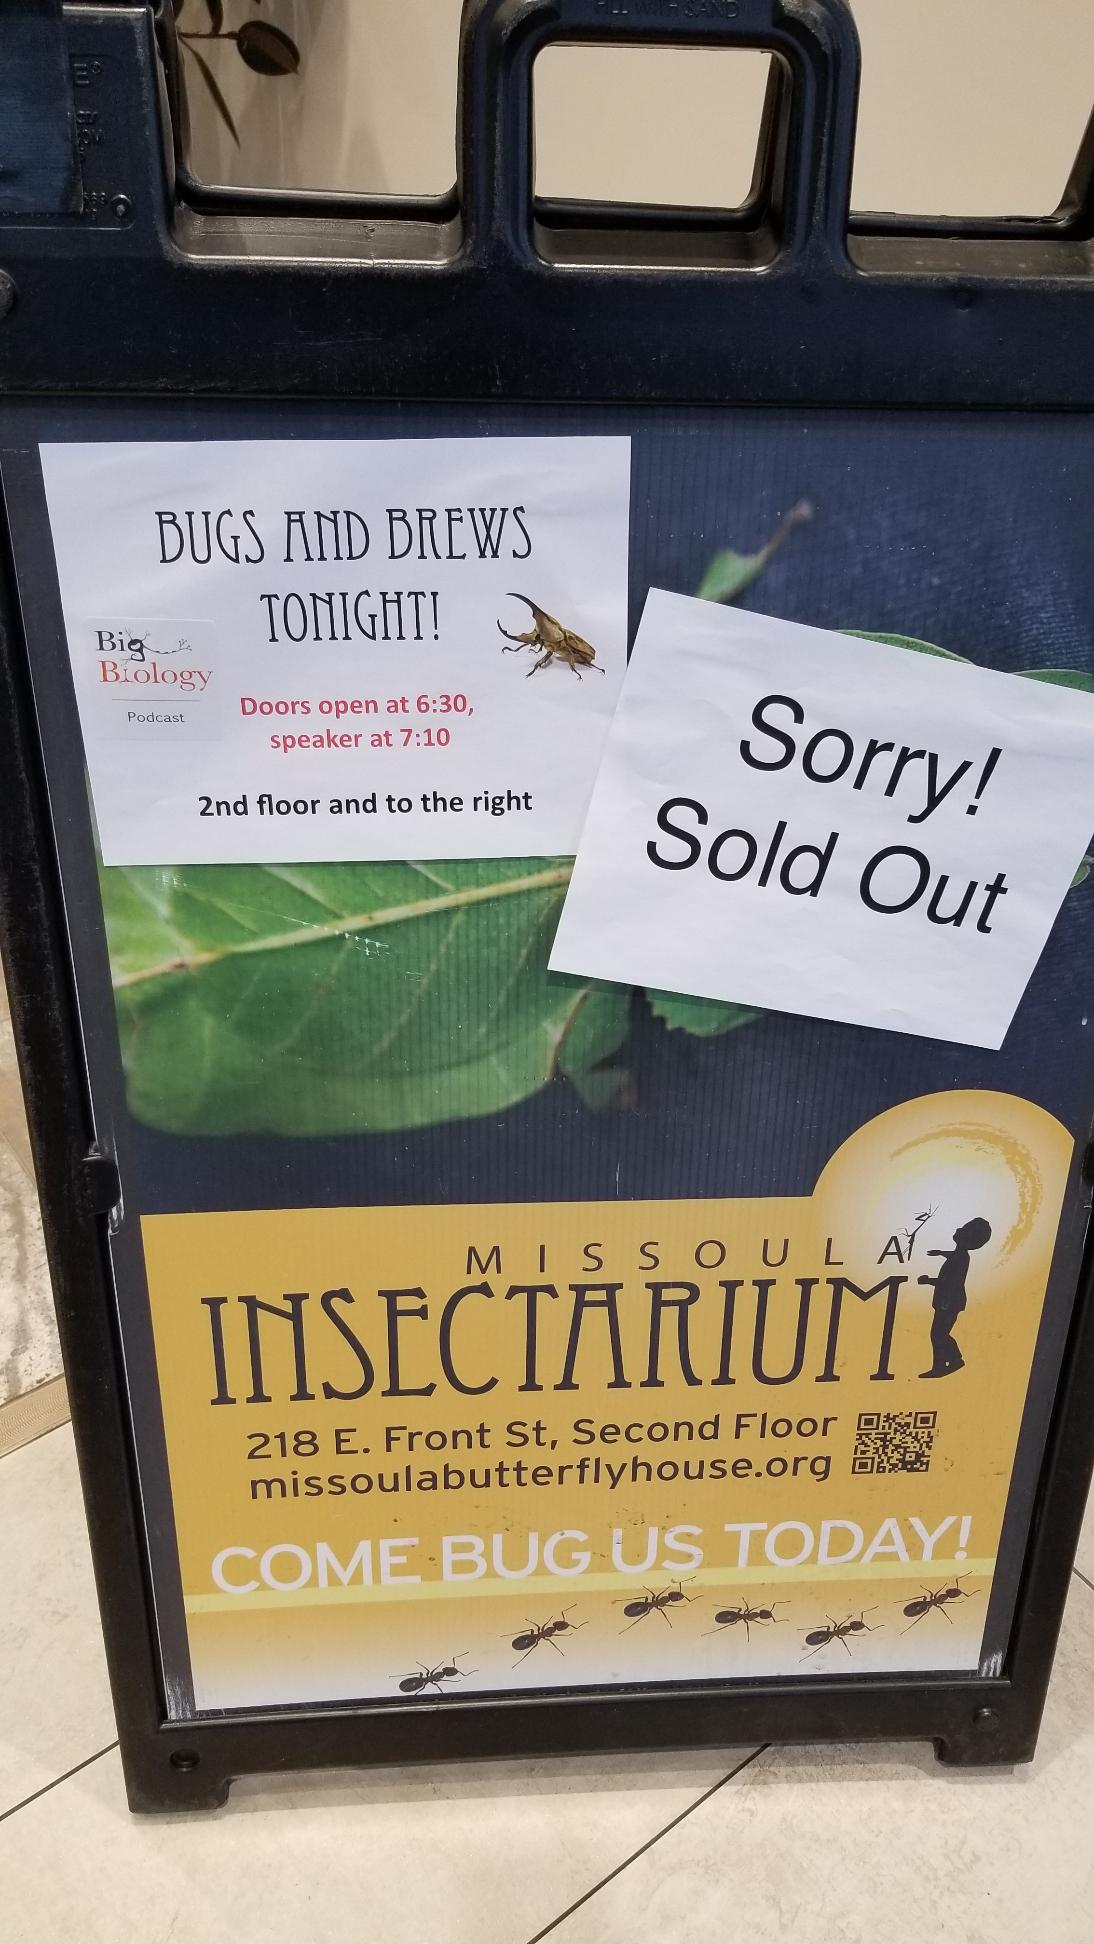 Bugs_n_brew.JPG